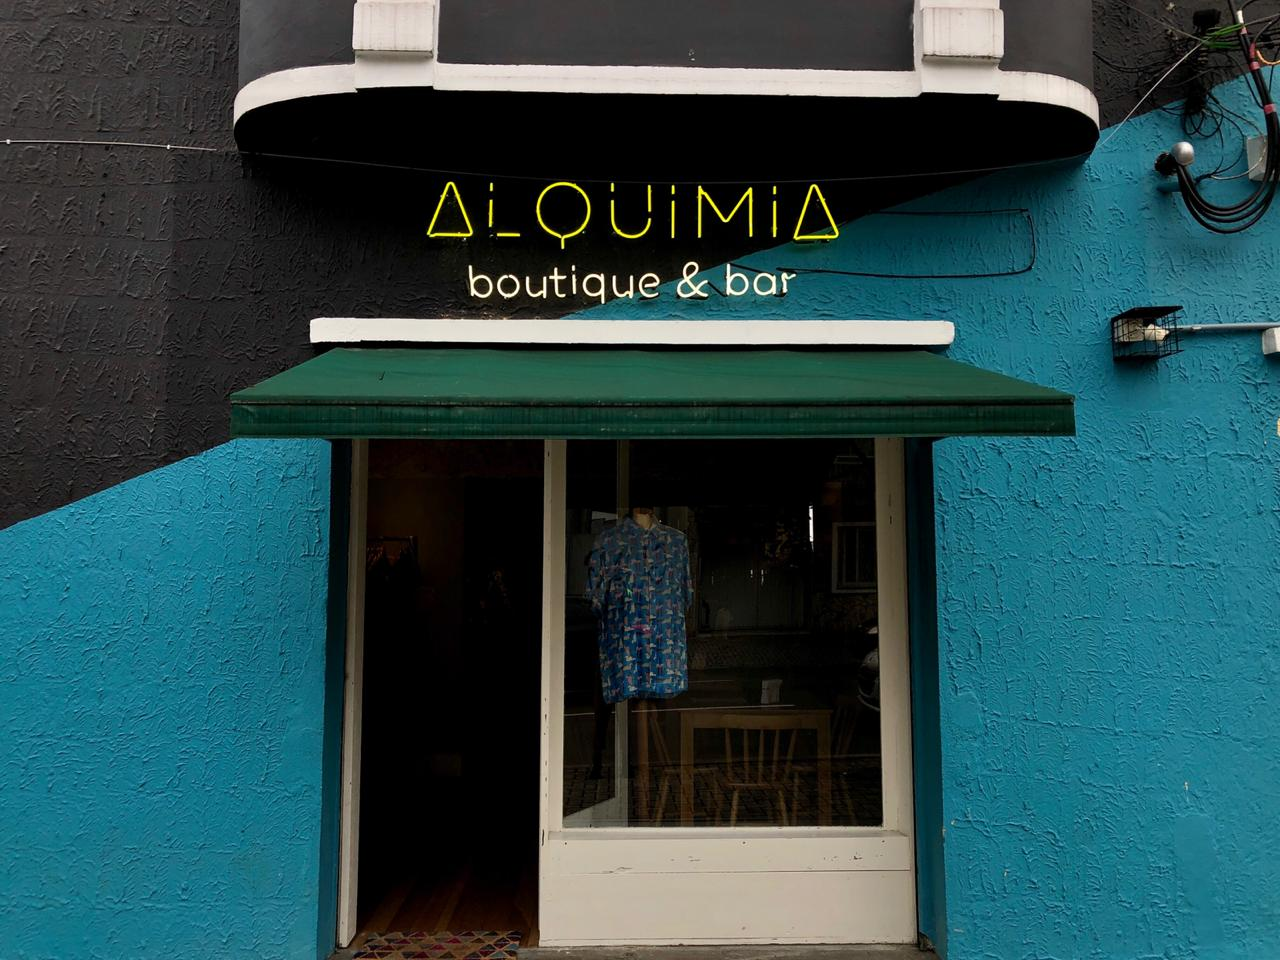 Conheça o Alquimia, novo espaço de drinks, arte e produções locais de Curitiba